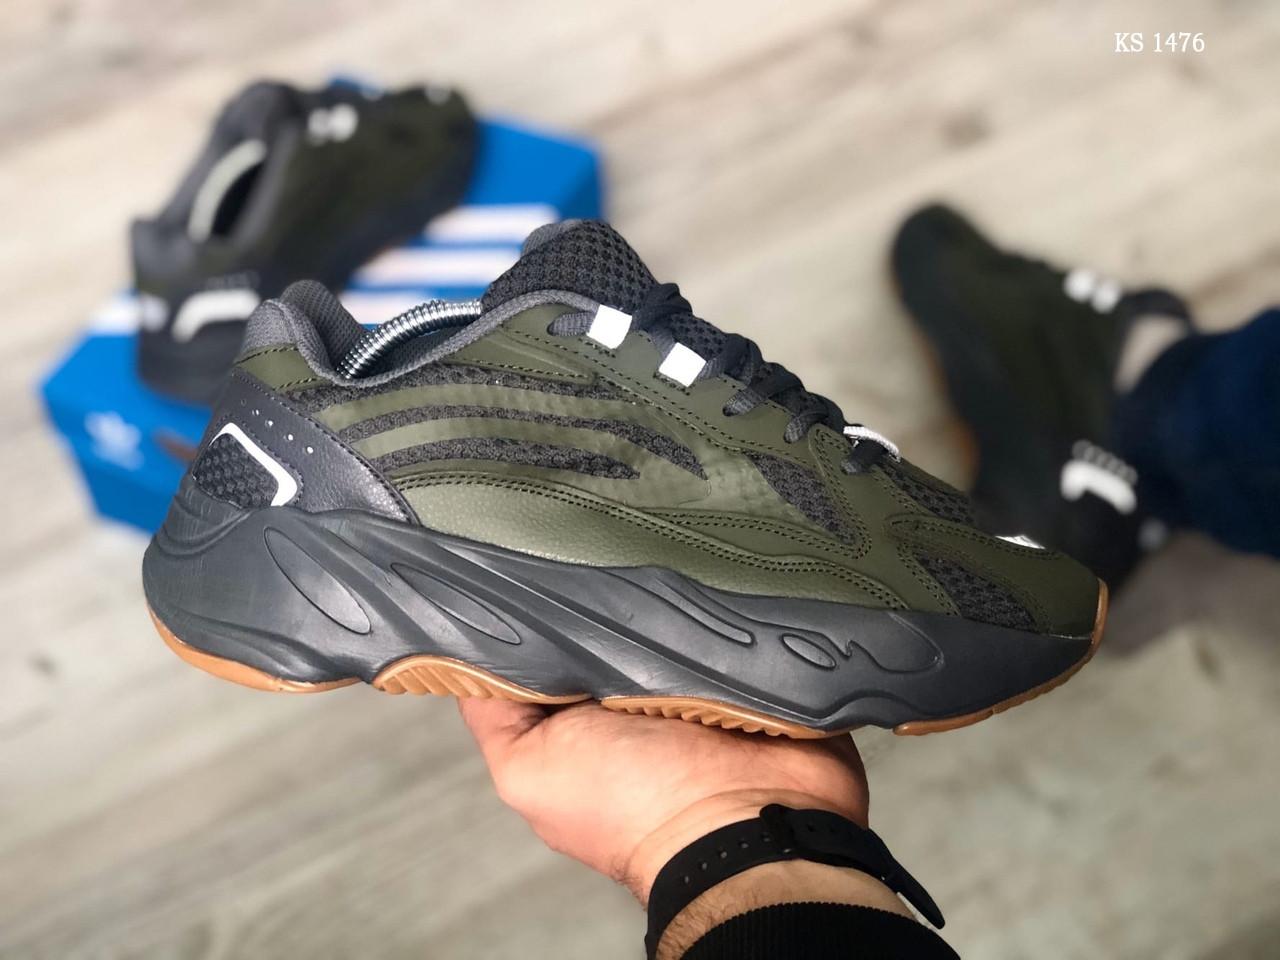 Мужские кроссовки Adidas Yeezy Boost 700 (зеленые) KS 1476